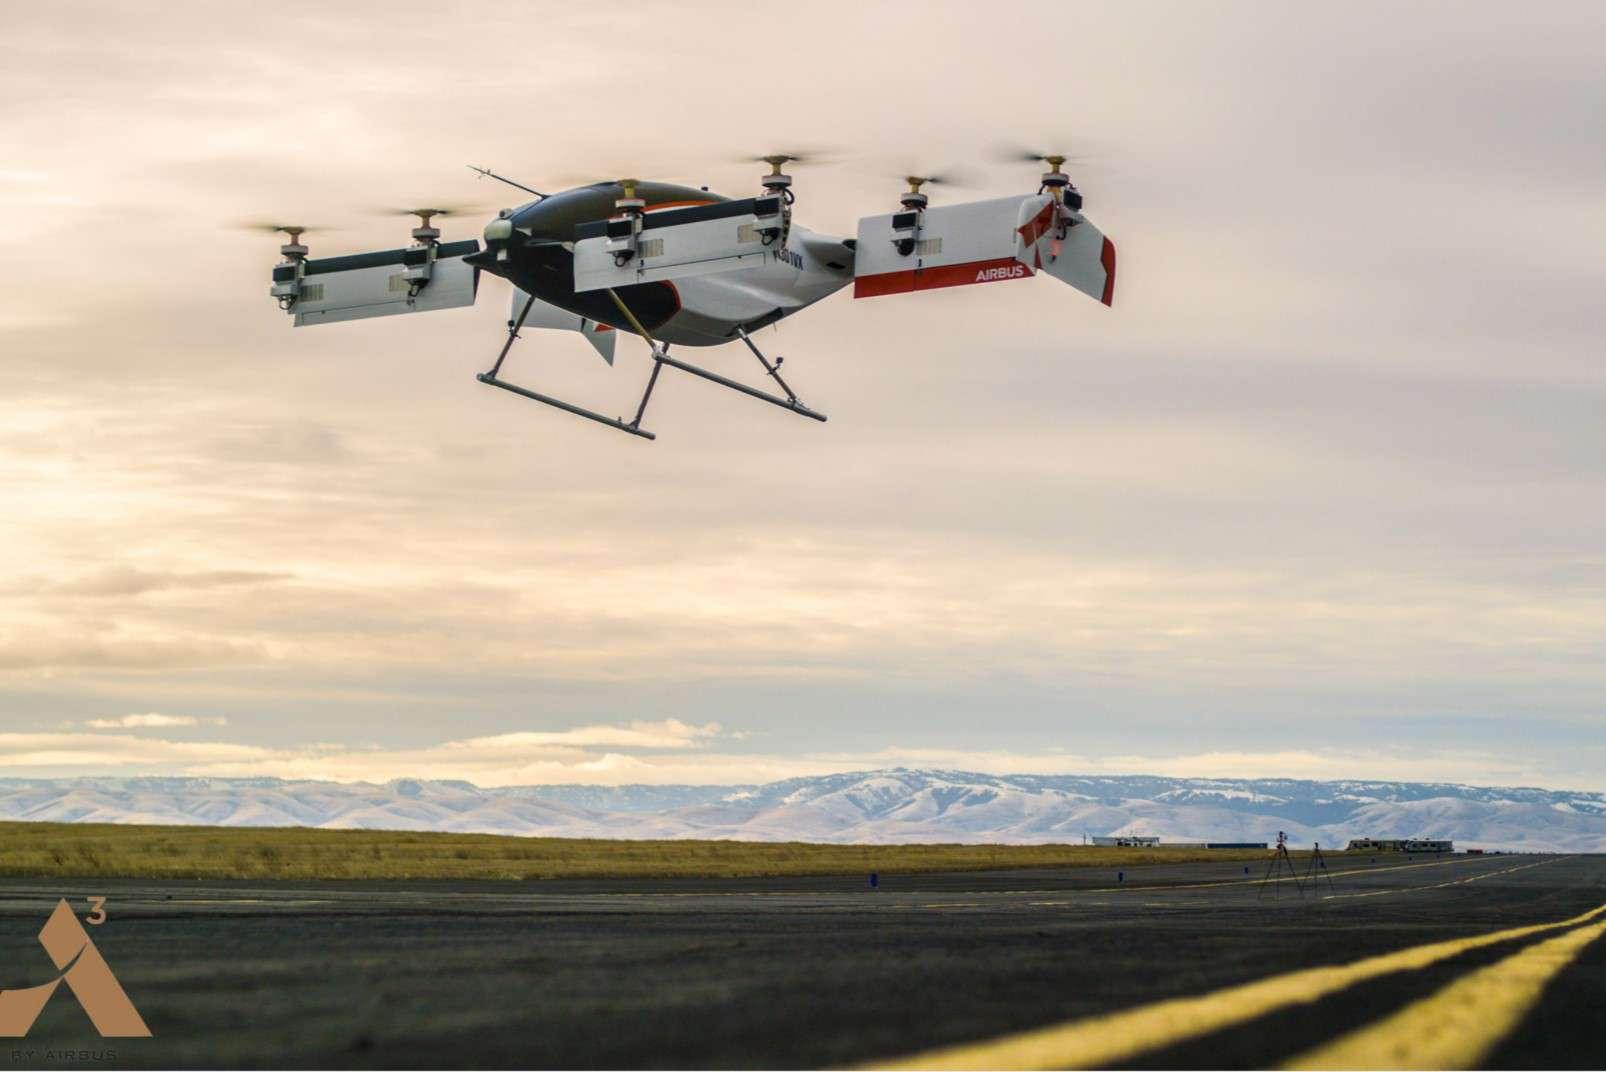 Vahana passenger-carrying drone first flight